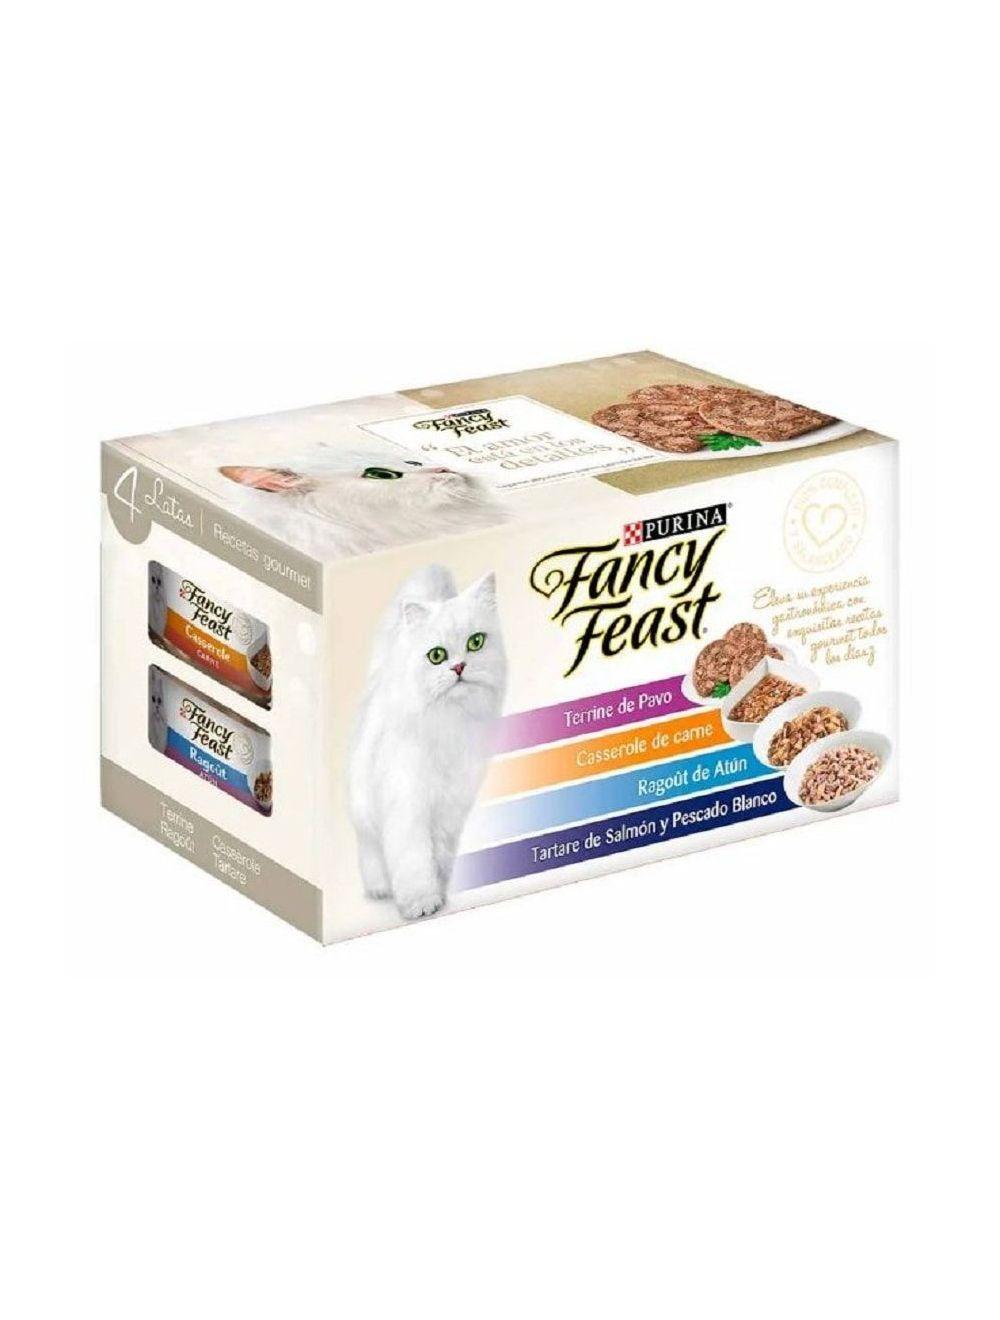 Fancy Feast x 4